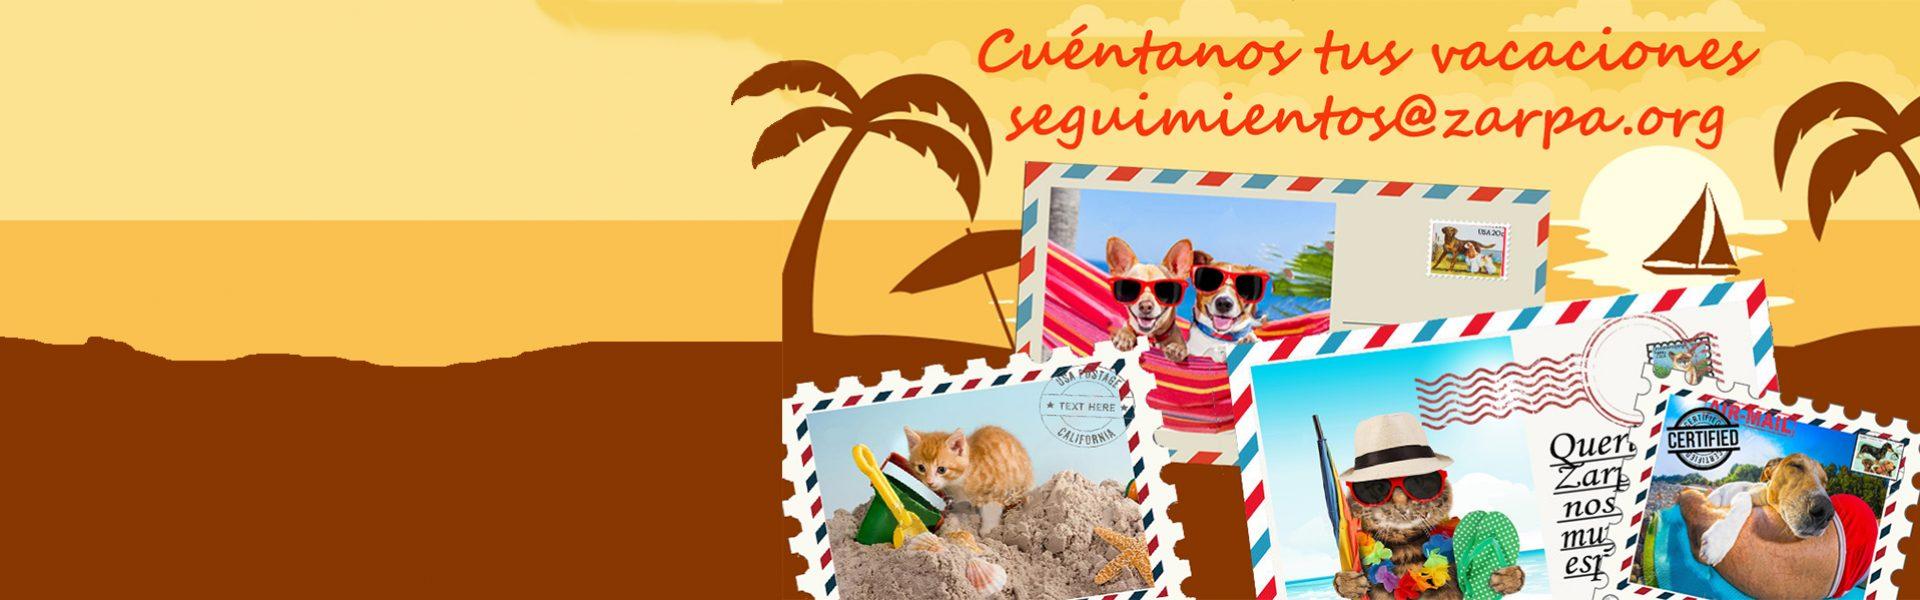 ¡Cuéntanos tus vacaciones!